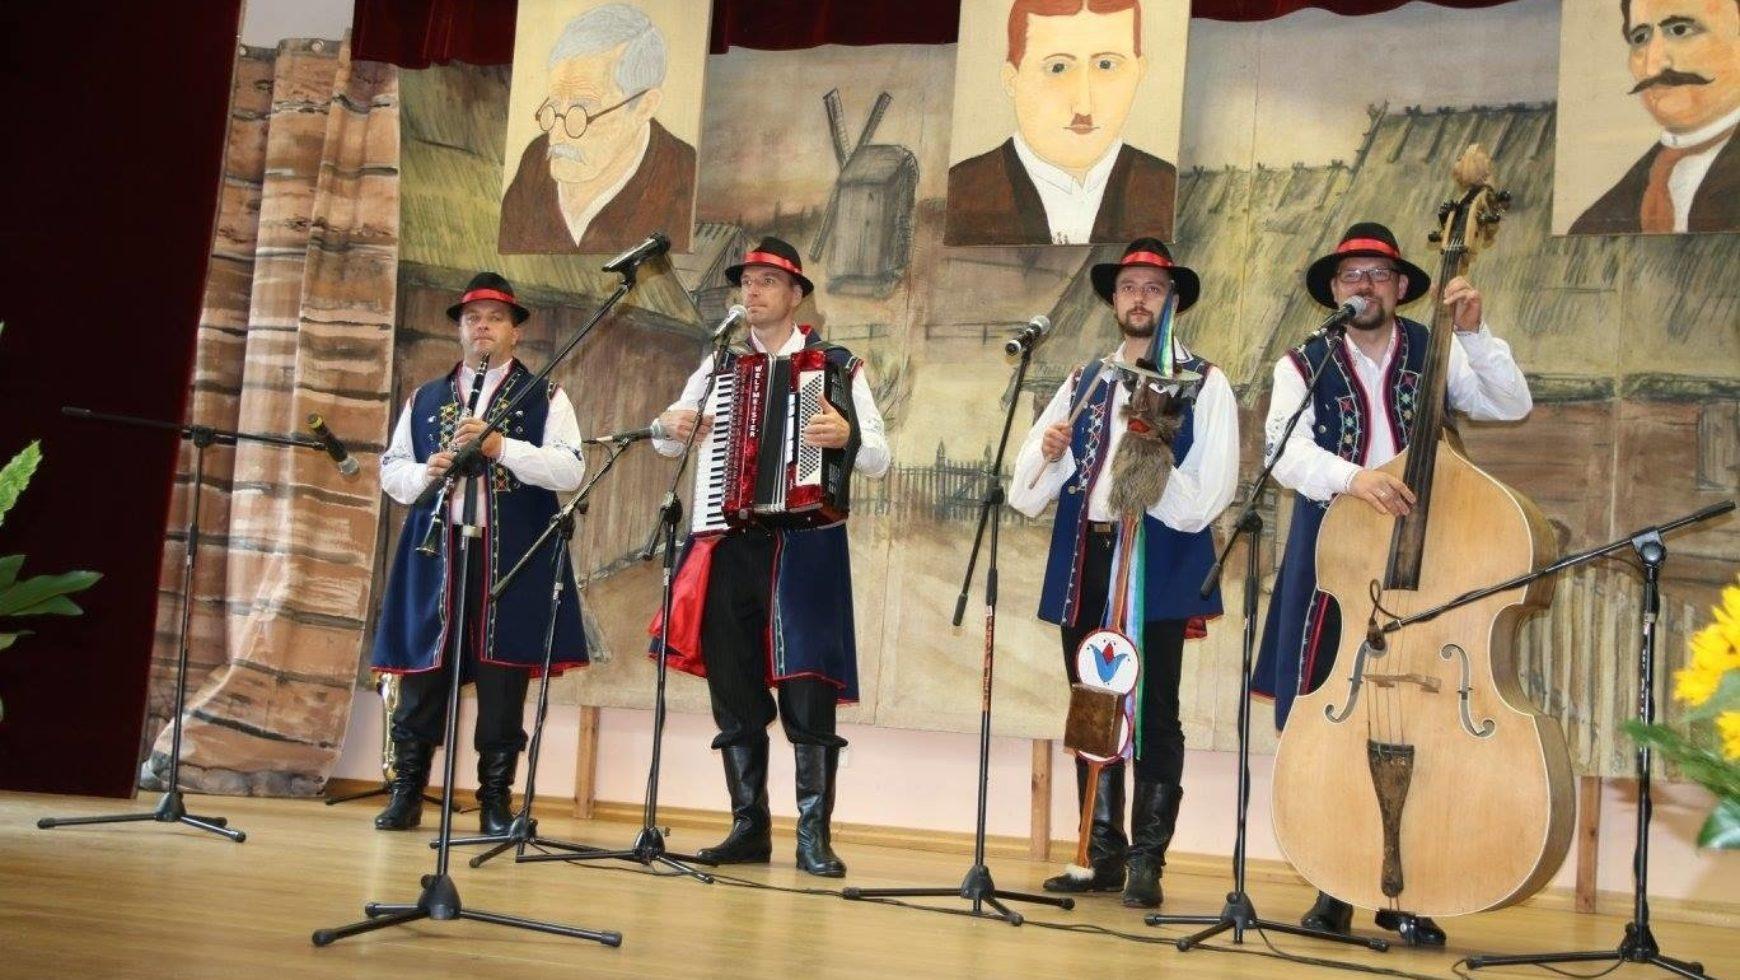 Impreza w stylu ludowym na Kaszubach